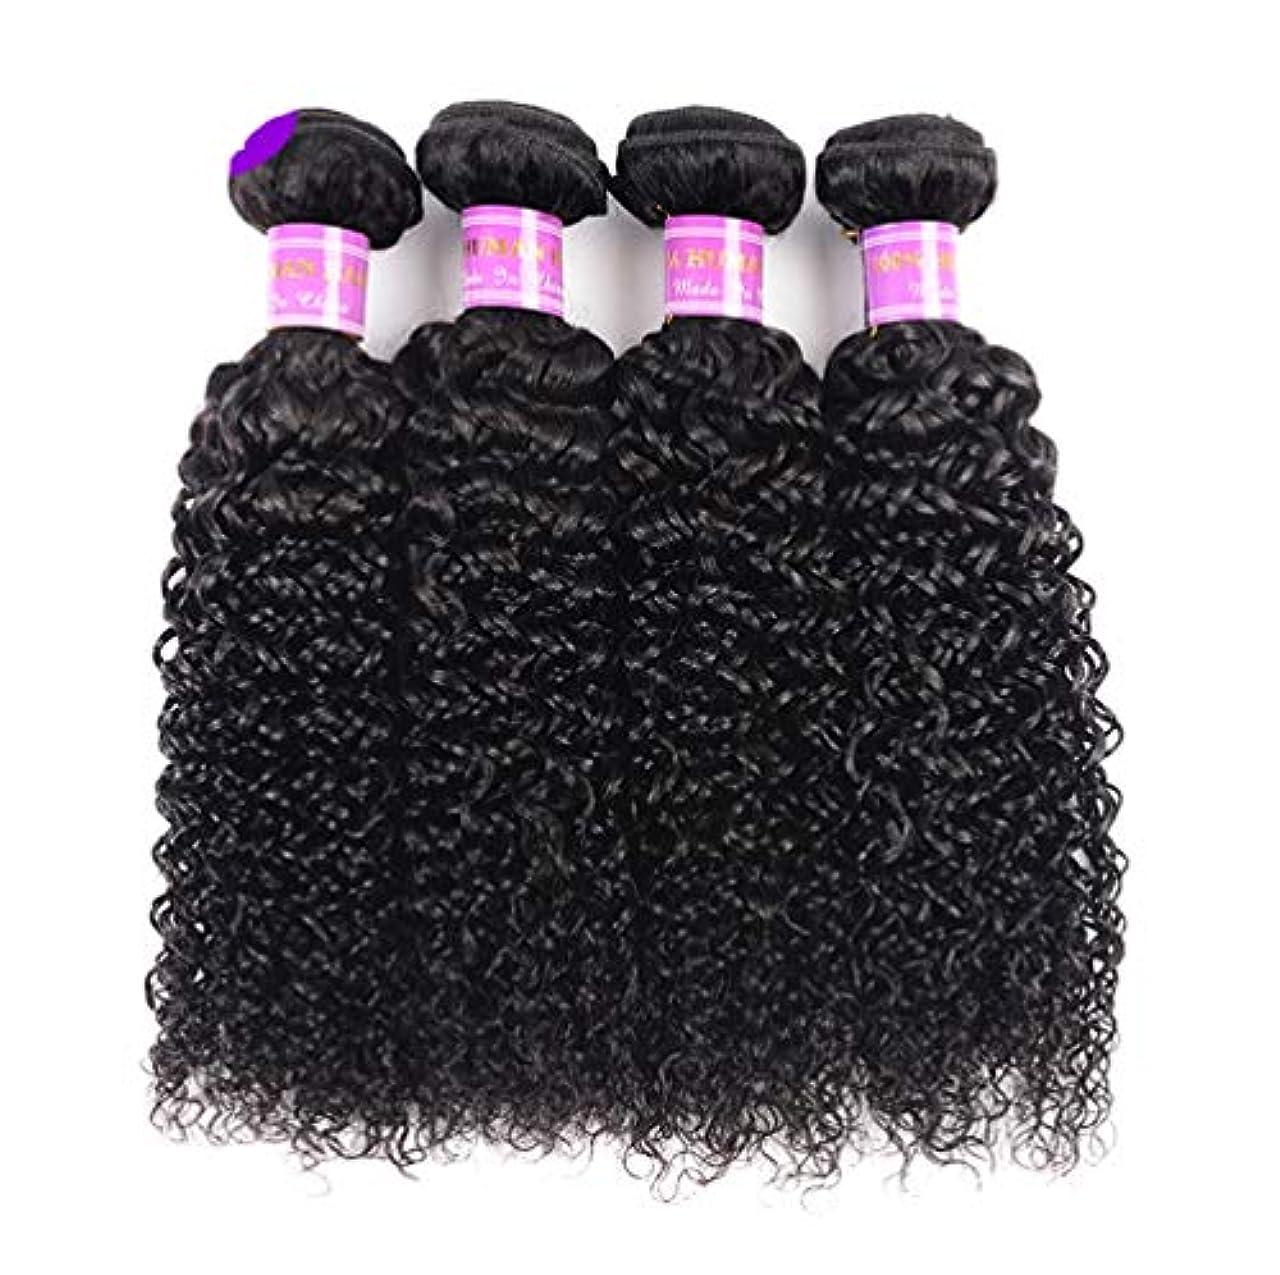 トランジスタ関税冷蔵庫女性の髪織りブラジルのバージン人毛ボディウェーブ100%人毛織りナチュラルブラックカラー(3バンドル)